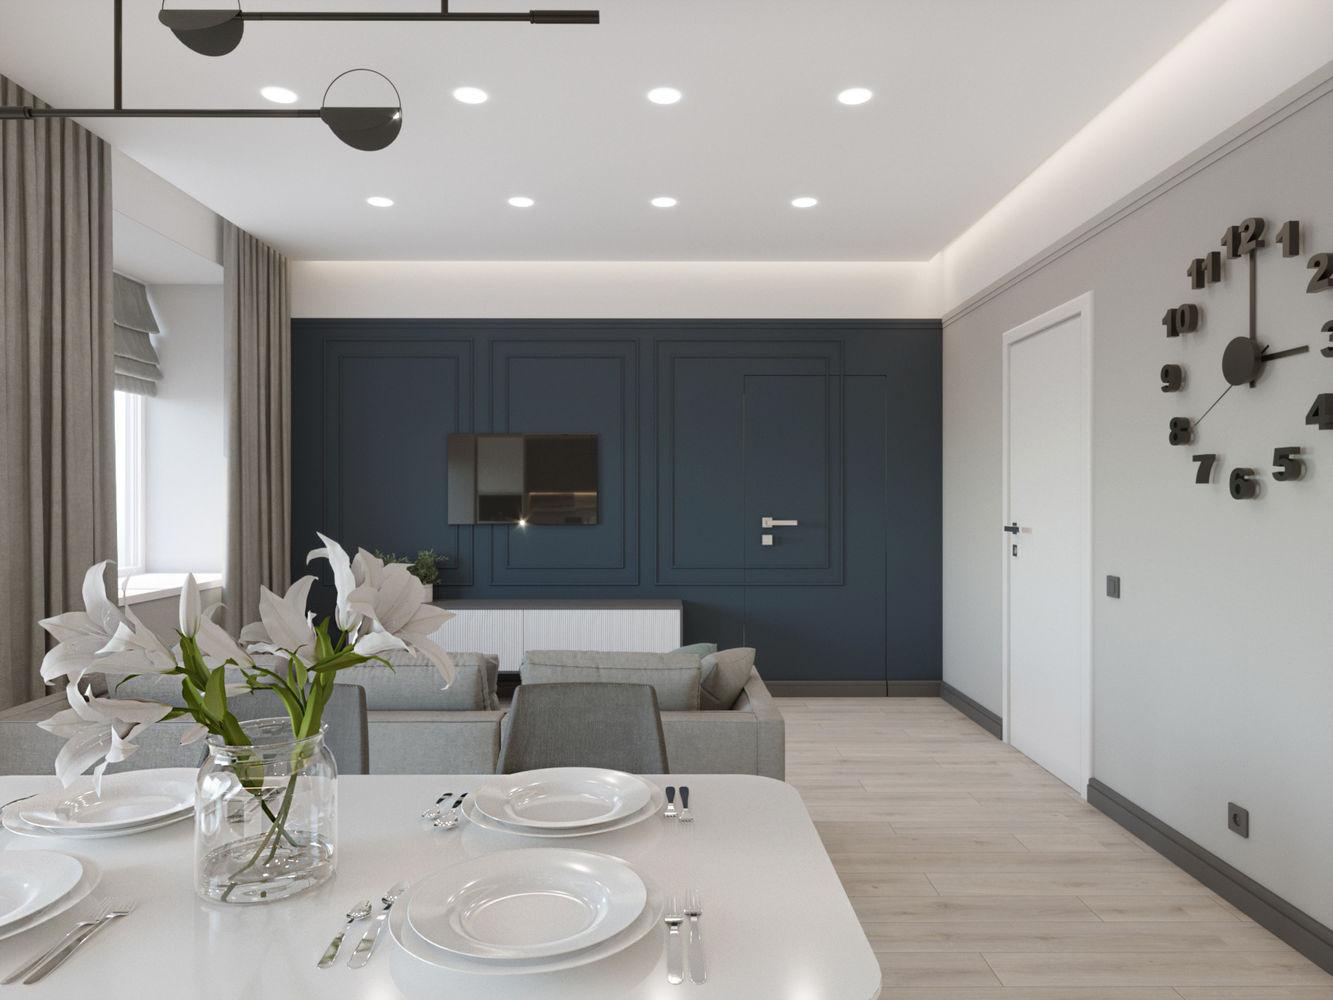 Двухкомнатная квартира в ЖК Scandis для семейной пары